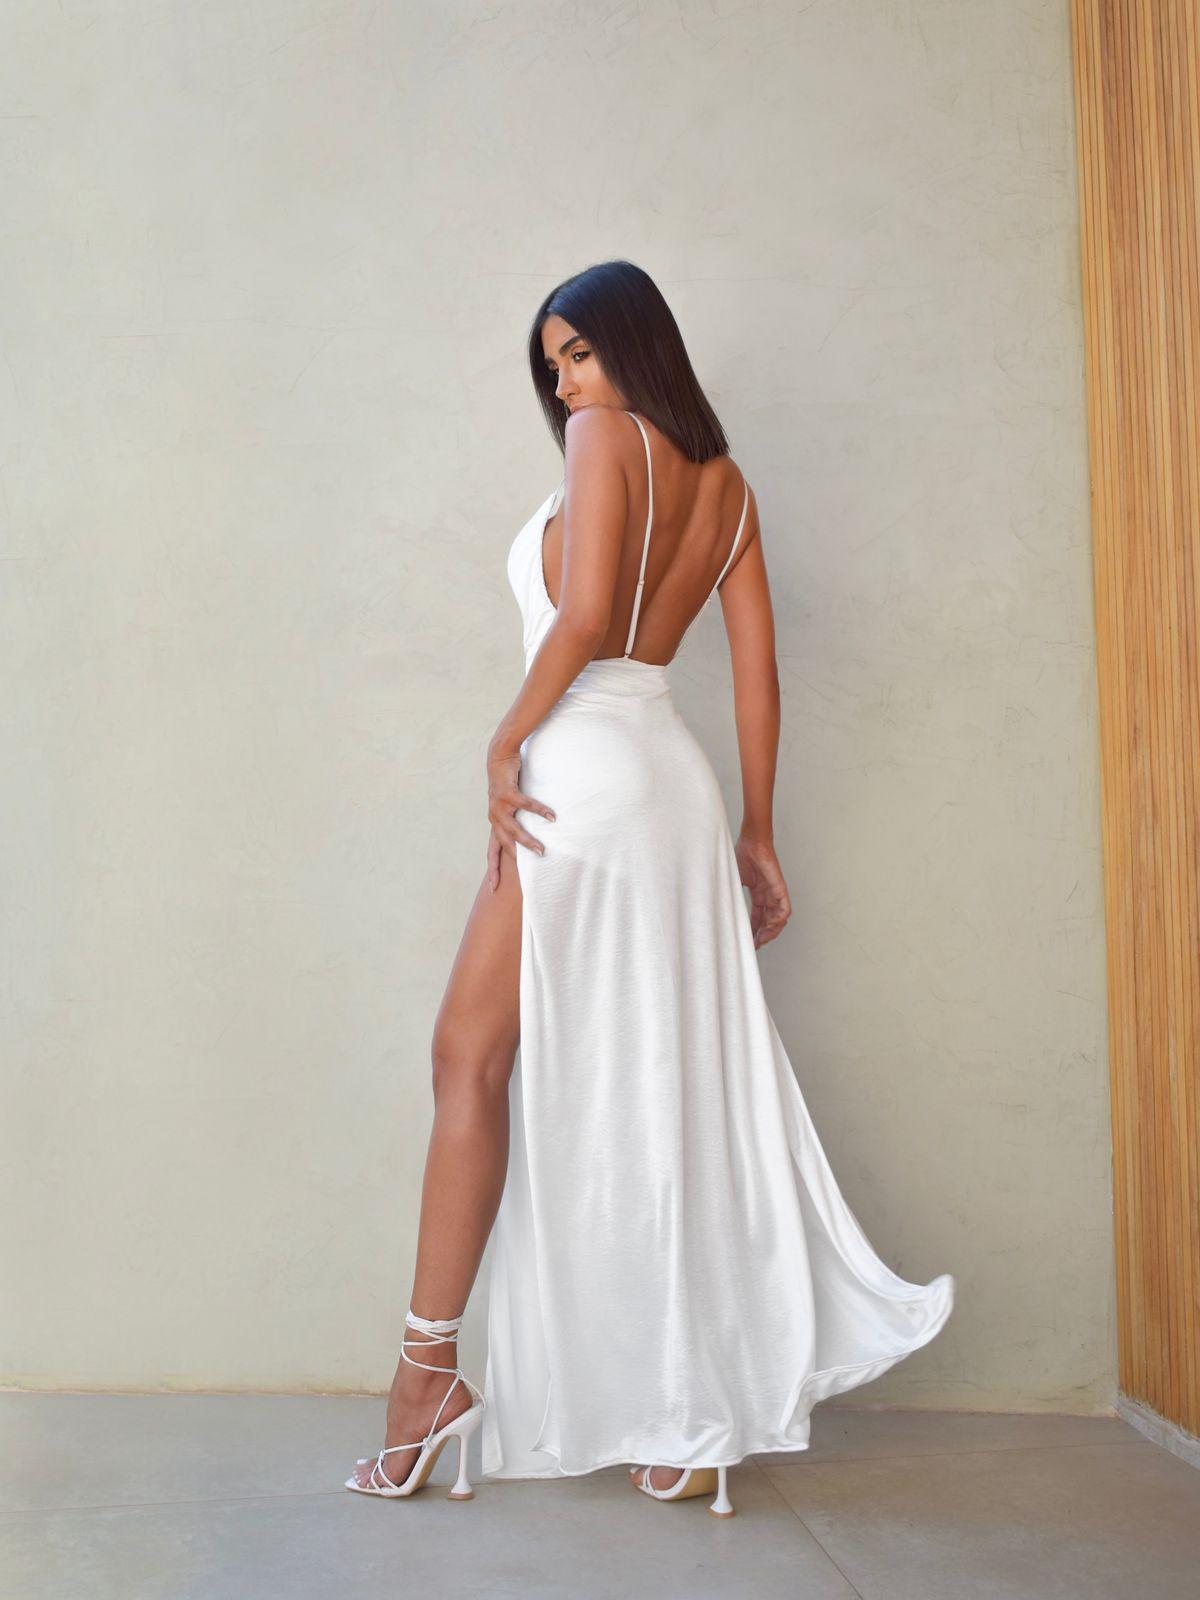 Vestido Premium Marília  Frente Única Longo  | PRÉ VENDA | POUCAS PEÇAS